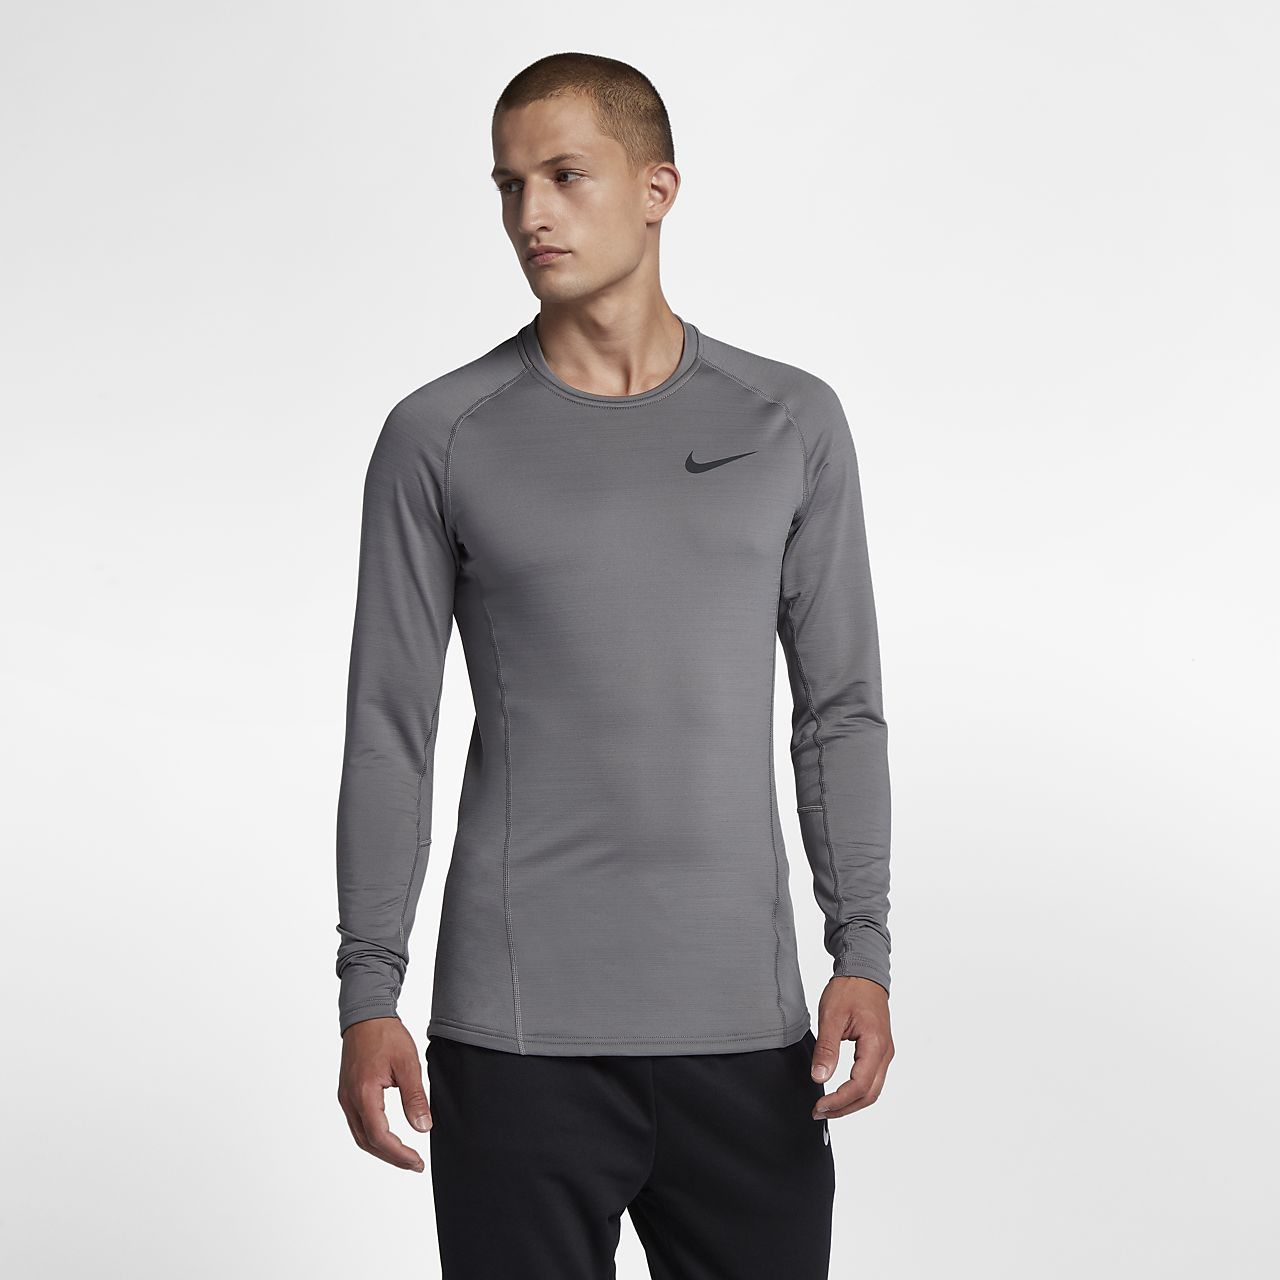 Haut de training à manches longues Nike Pro Warm pour Homme